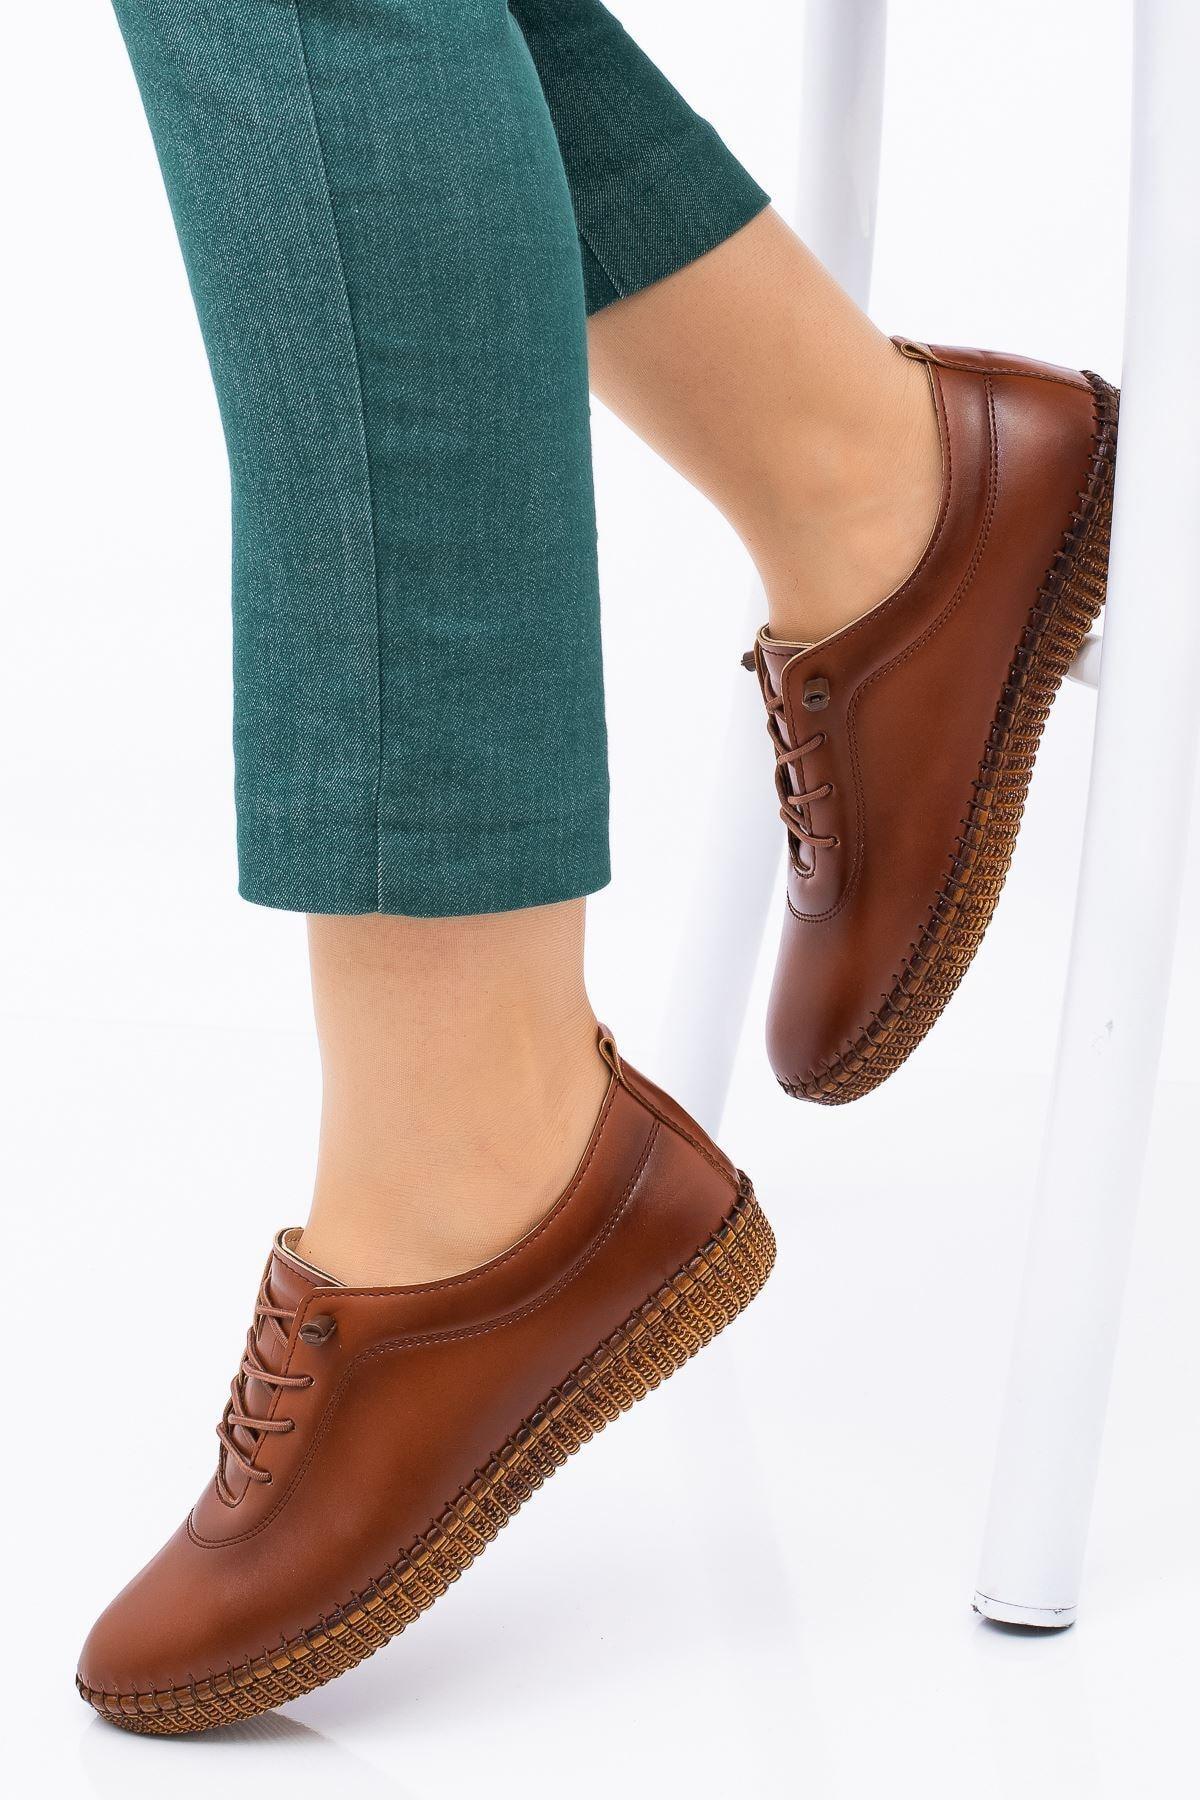 Hoba Kadın Ortopedik Taba Lastik Bağcıklı Içi Deri Alçak Topuklu Günlük Rahat Ayakkabı 1